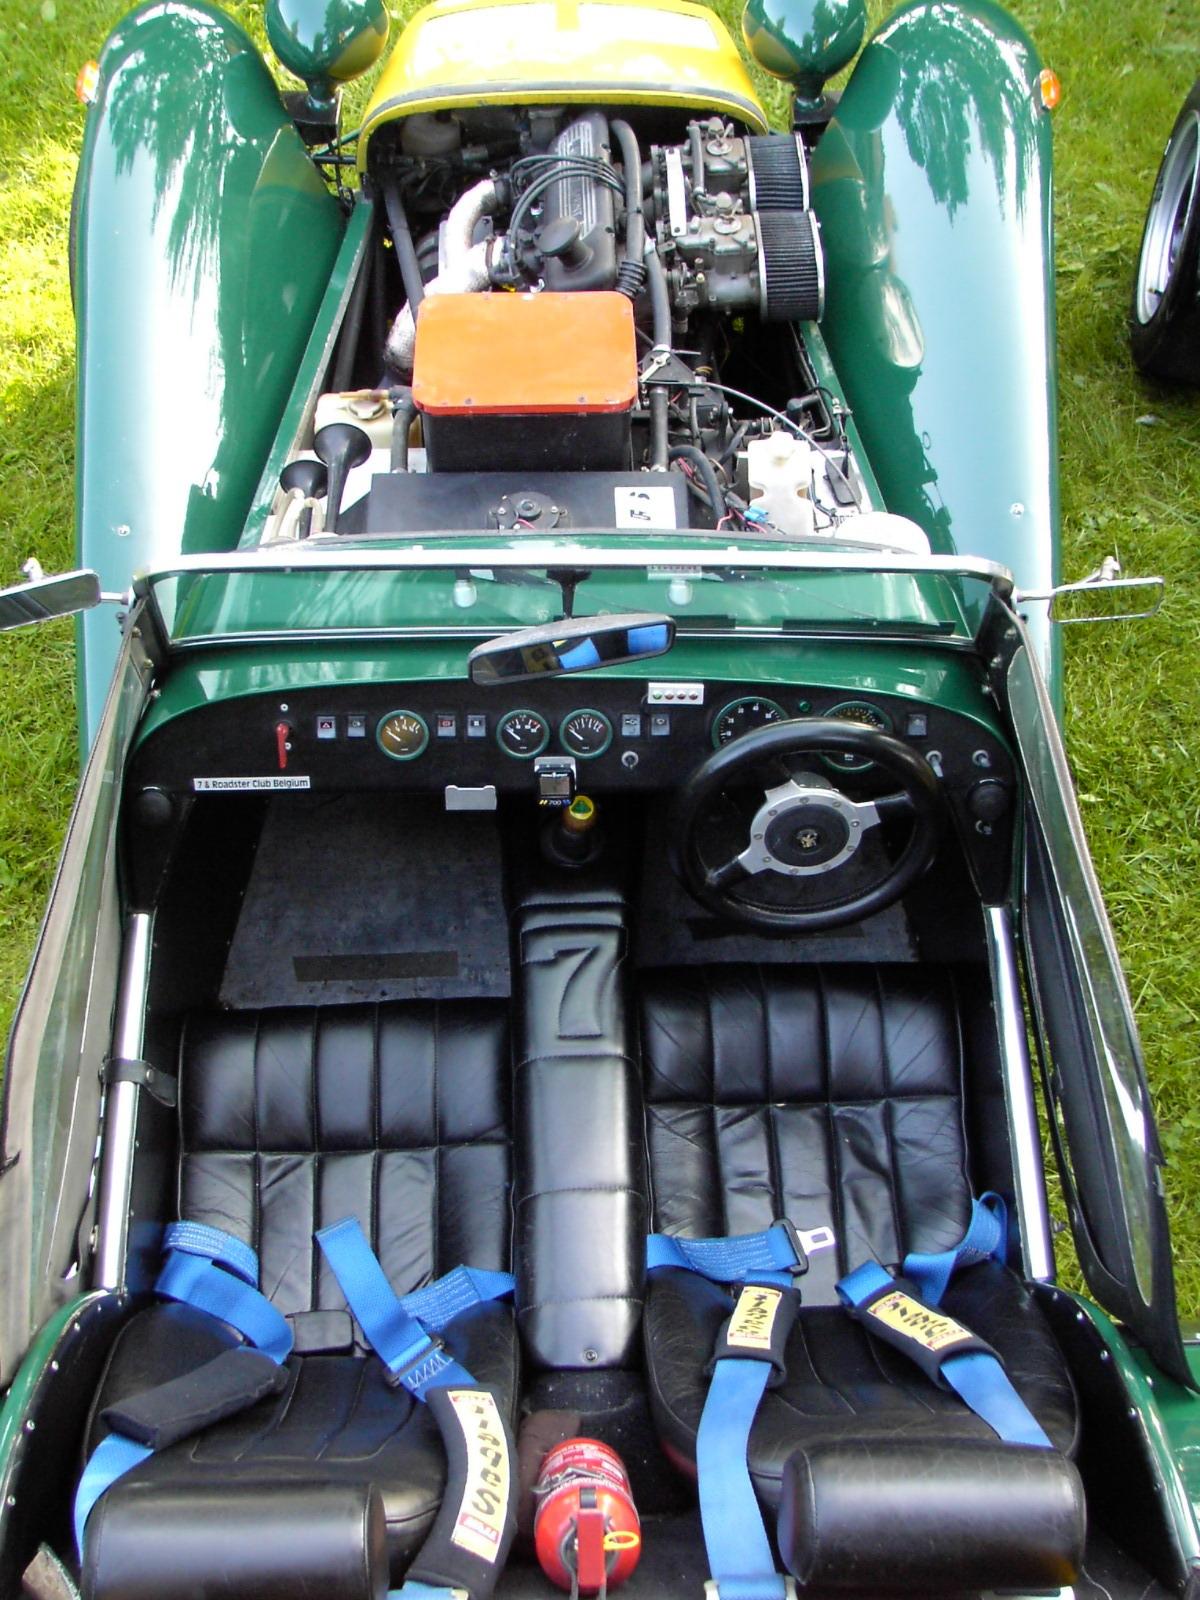 Lotus SIII rear inside